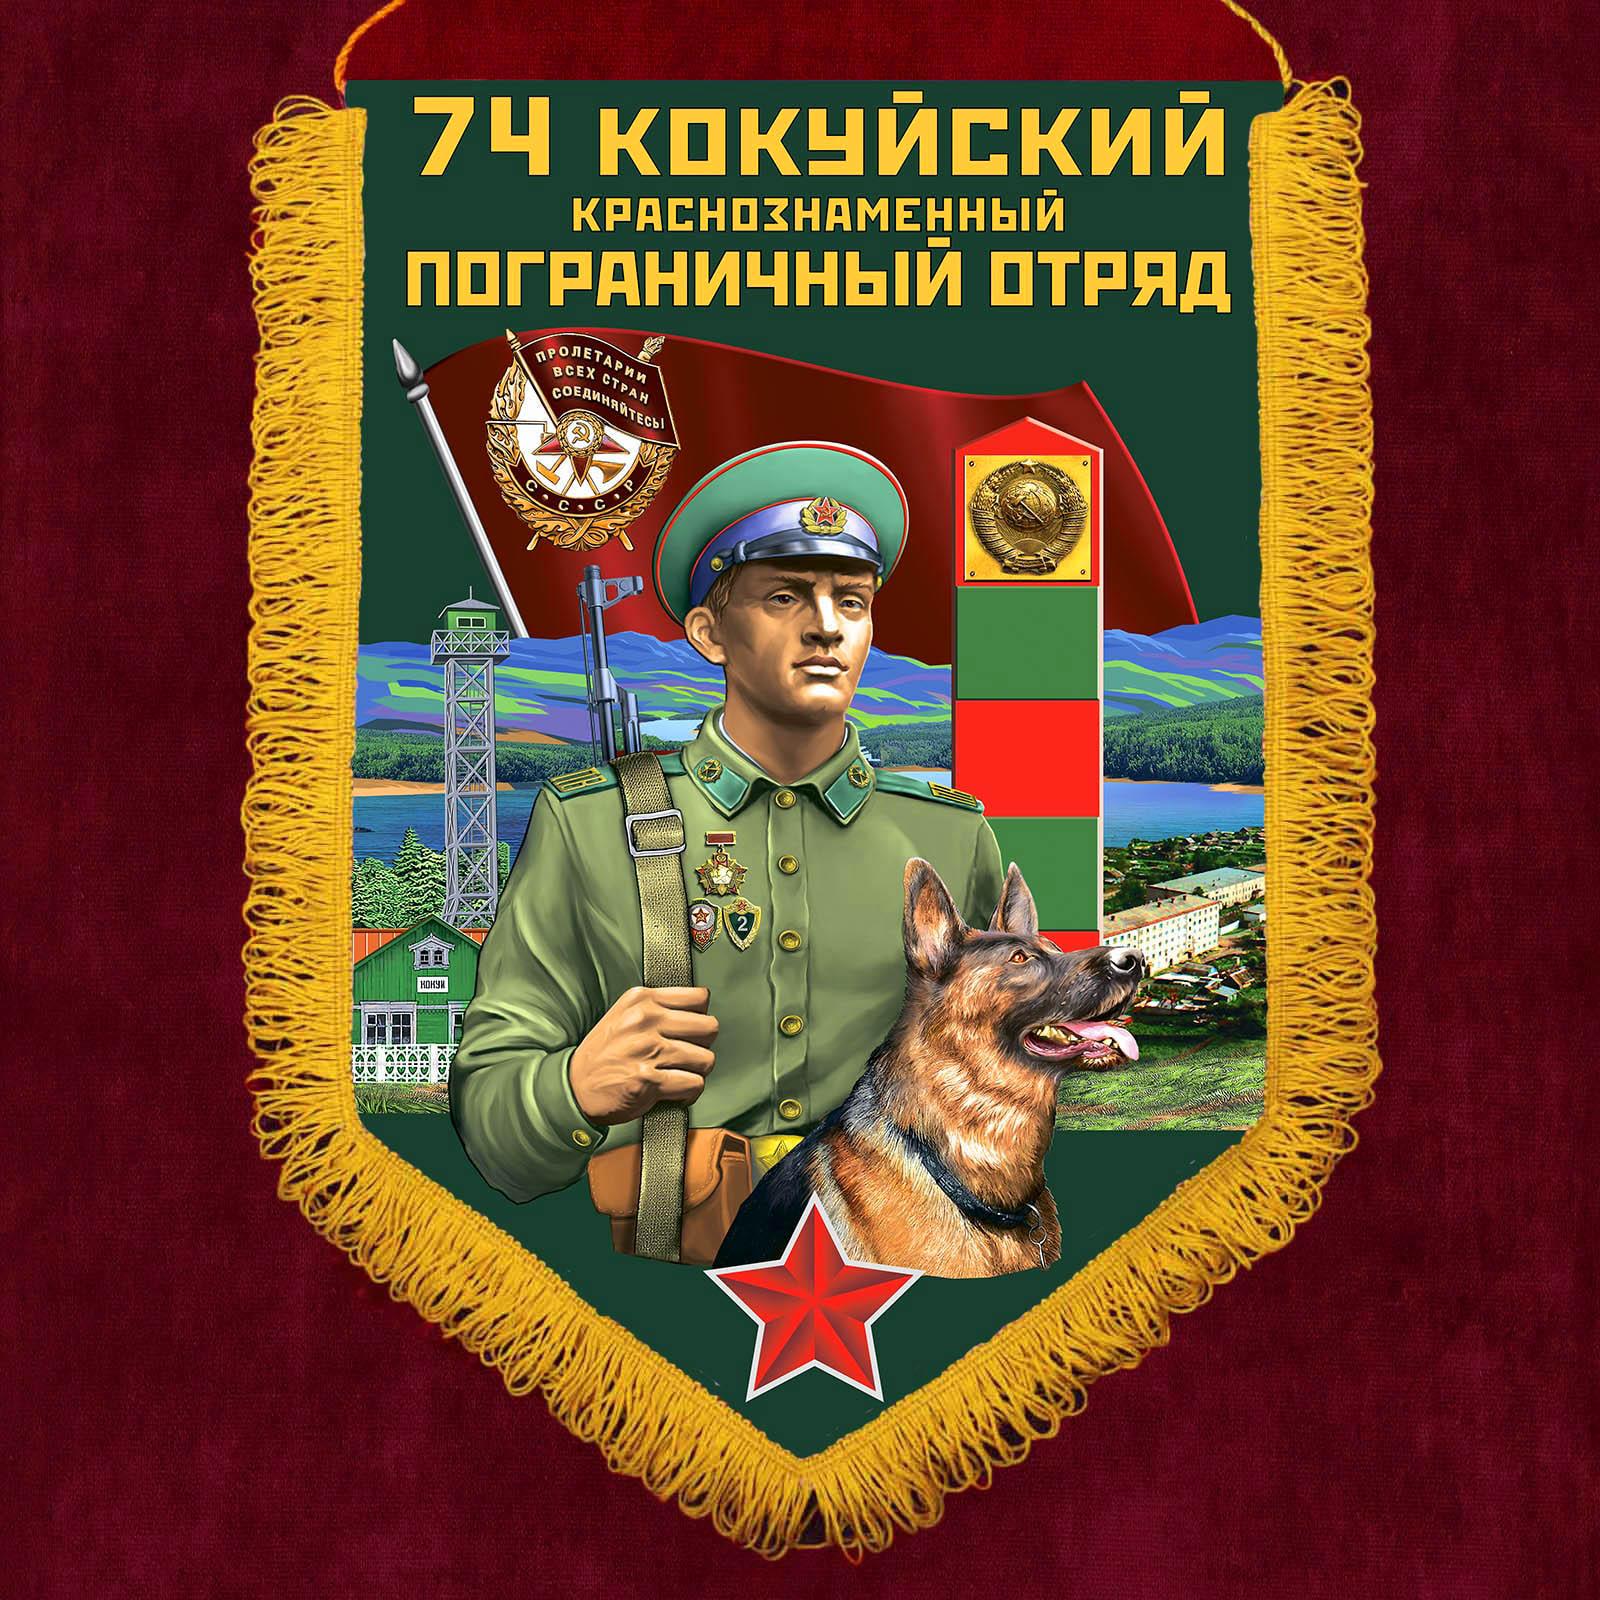 """Наградной вымпел """"74 Кокуйский пограничный отряд"""""""